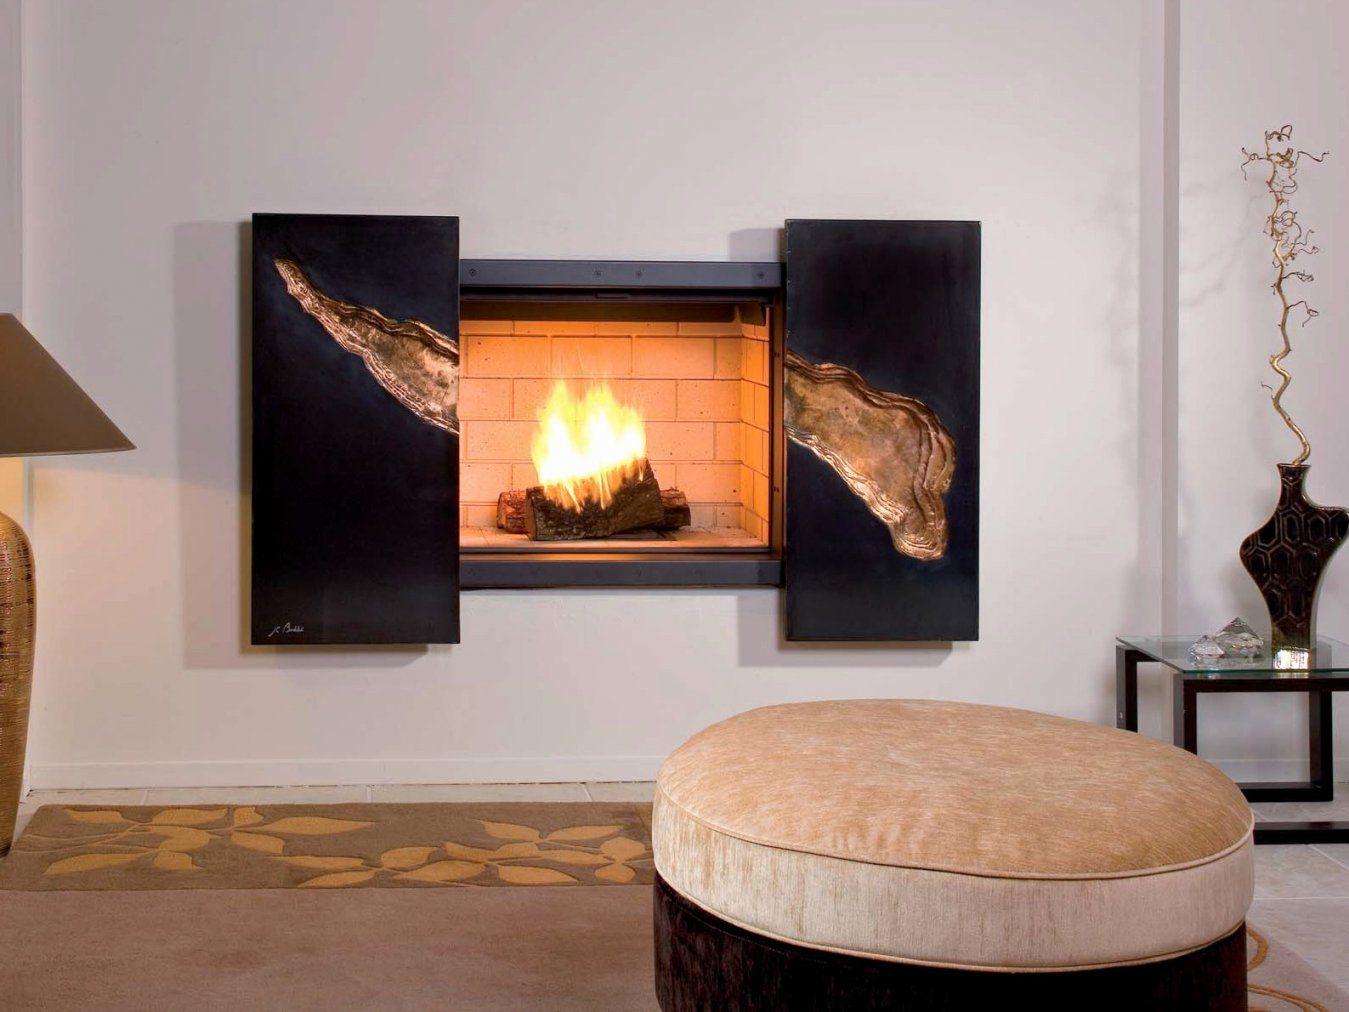 Ethanol Kamin In Wand Einbauen Einzigartige Ebios Fire Bioethanol von Kamin In Wand Einbauen Bild